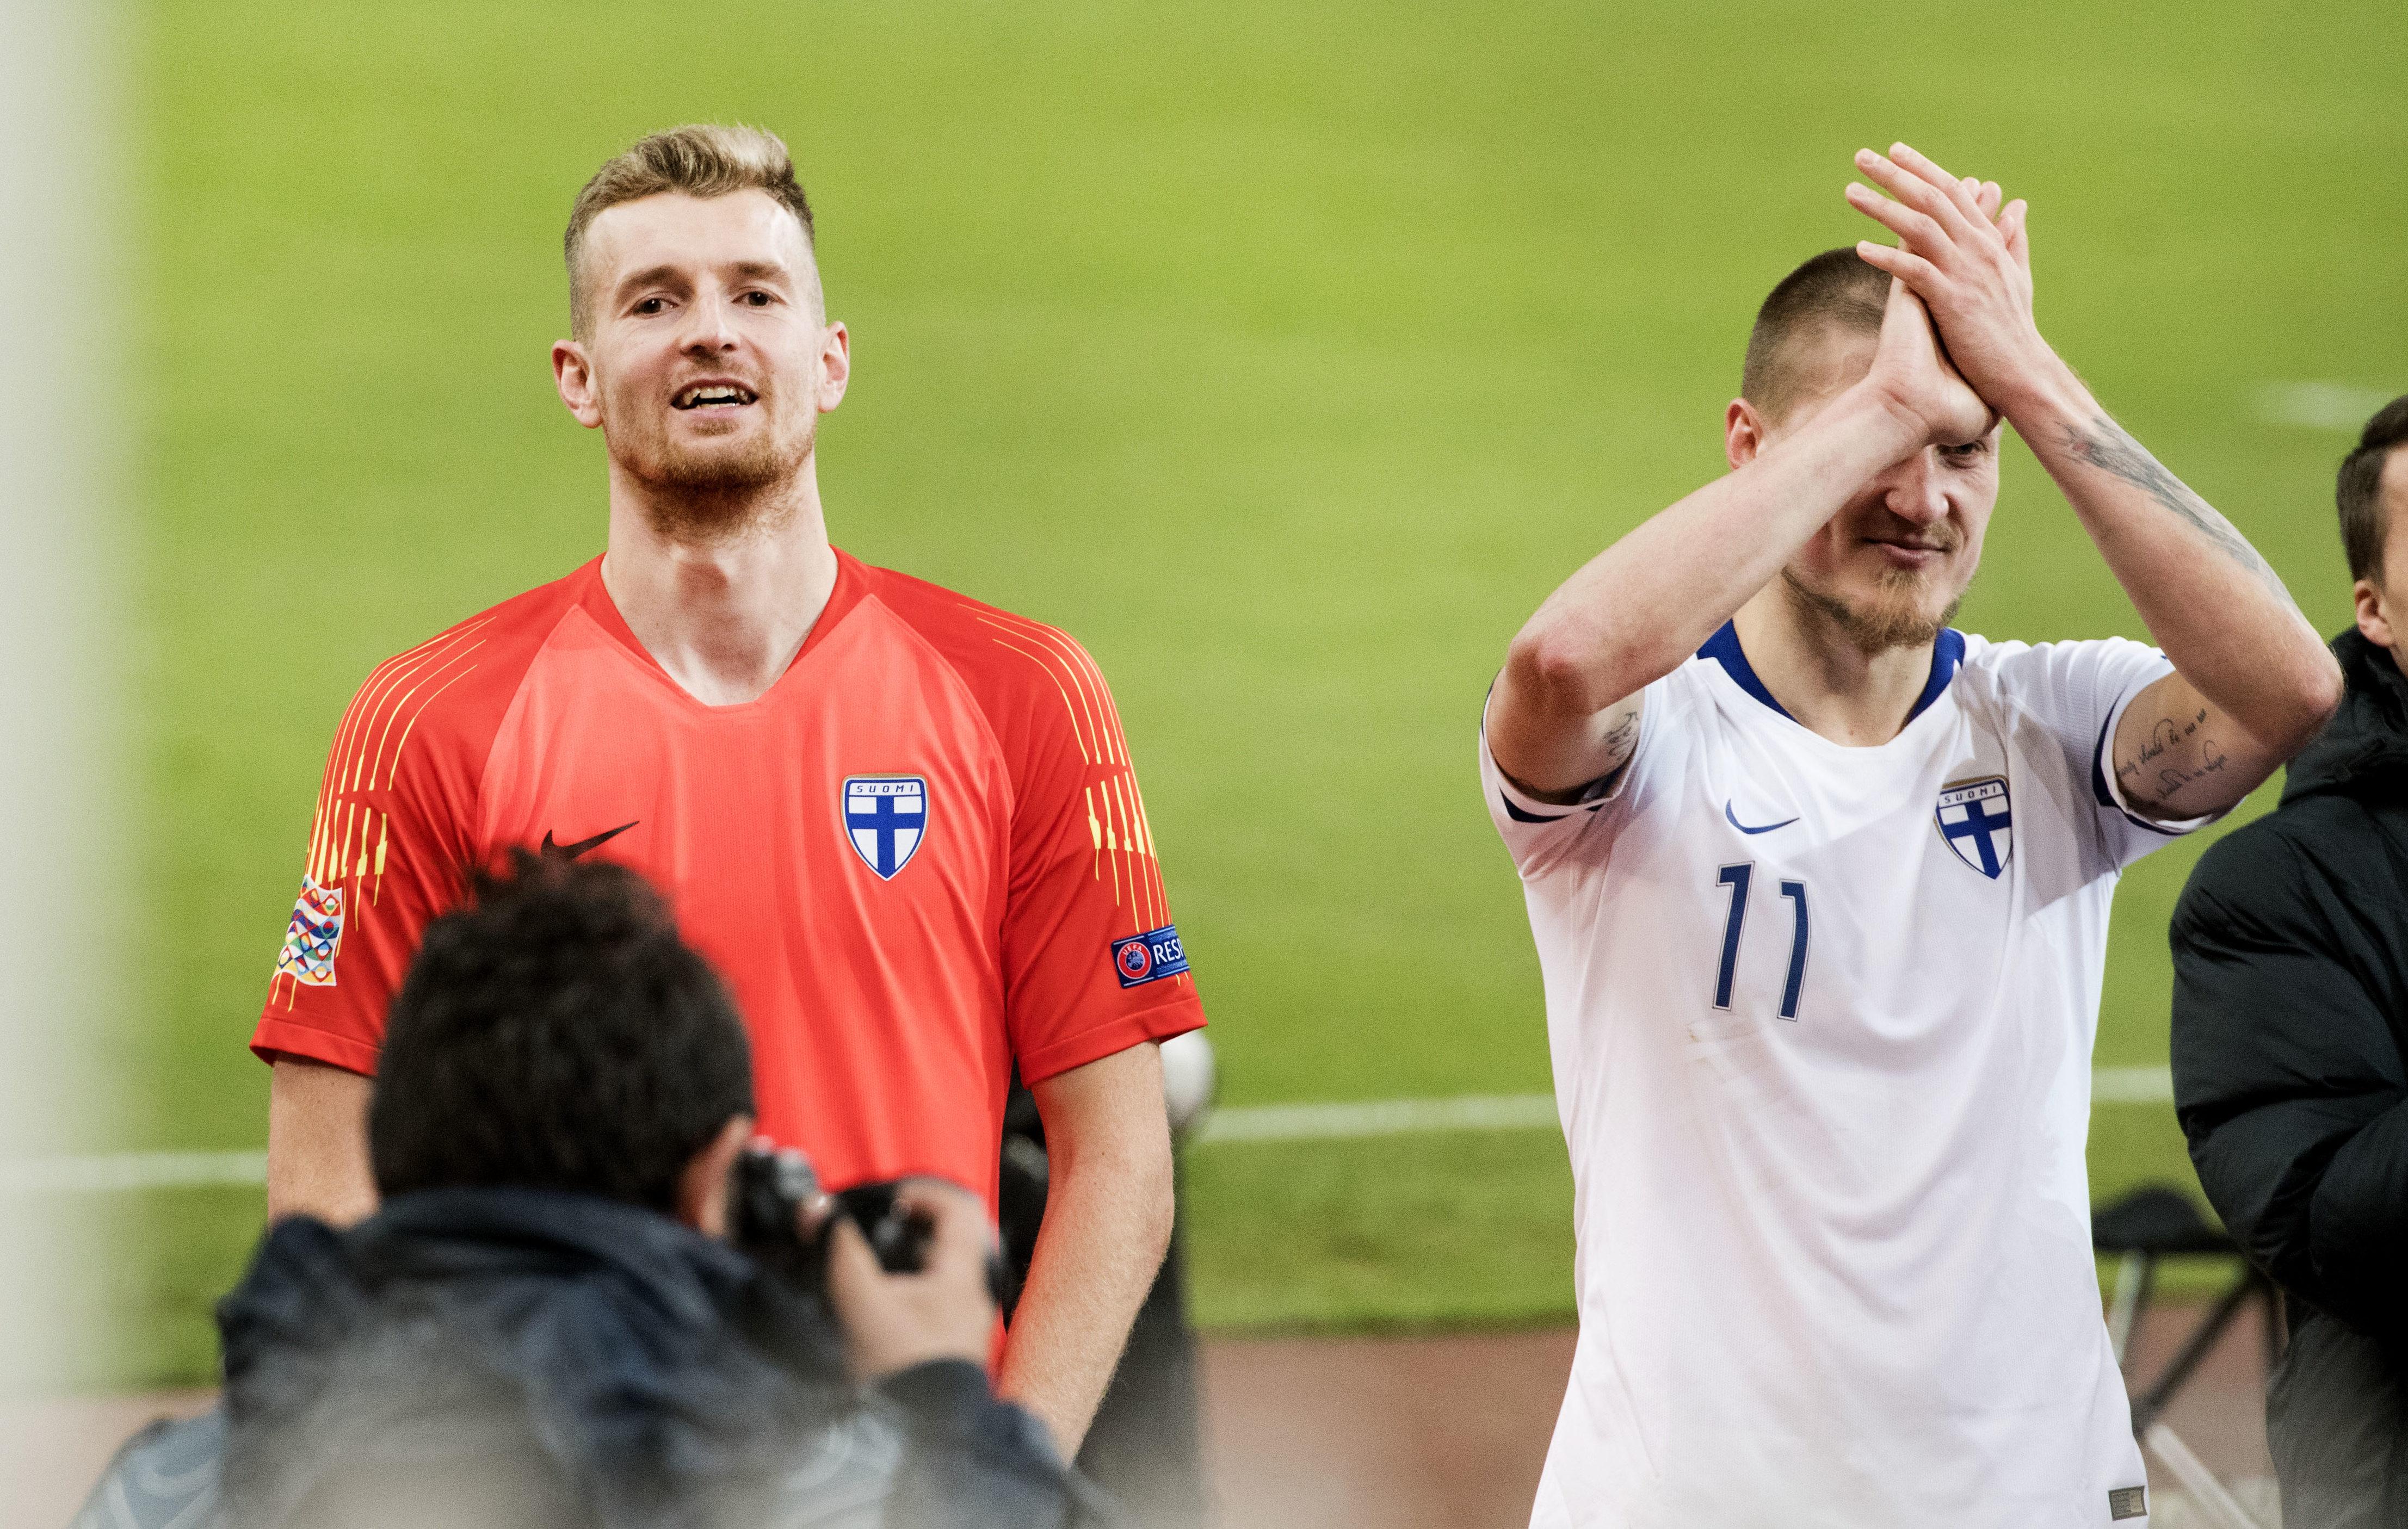 Suomen maalivahti Lucas Hradecky fanien edessä pelin jälkeen.